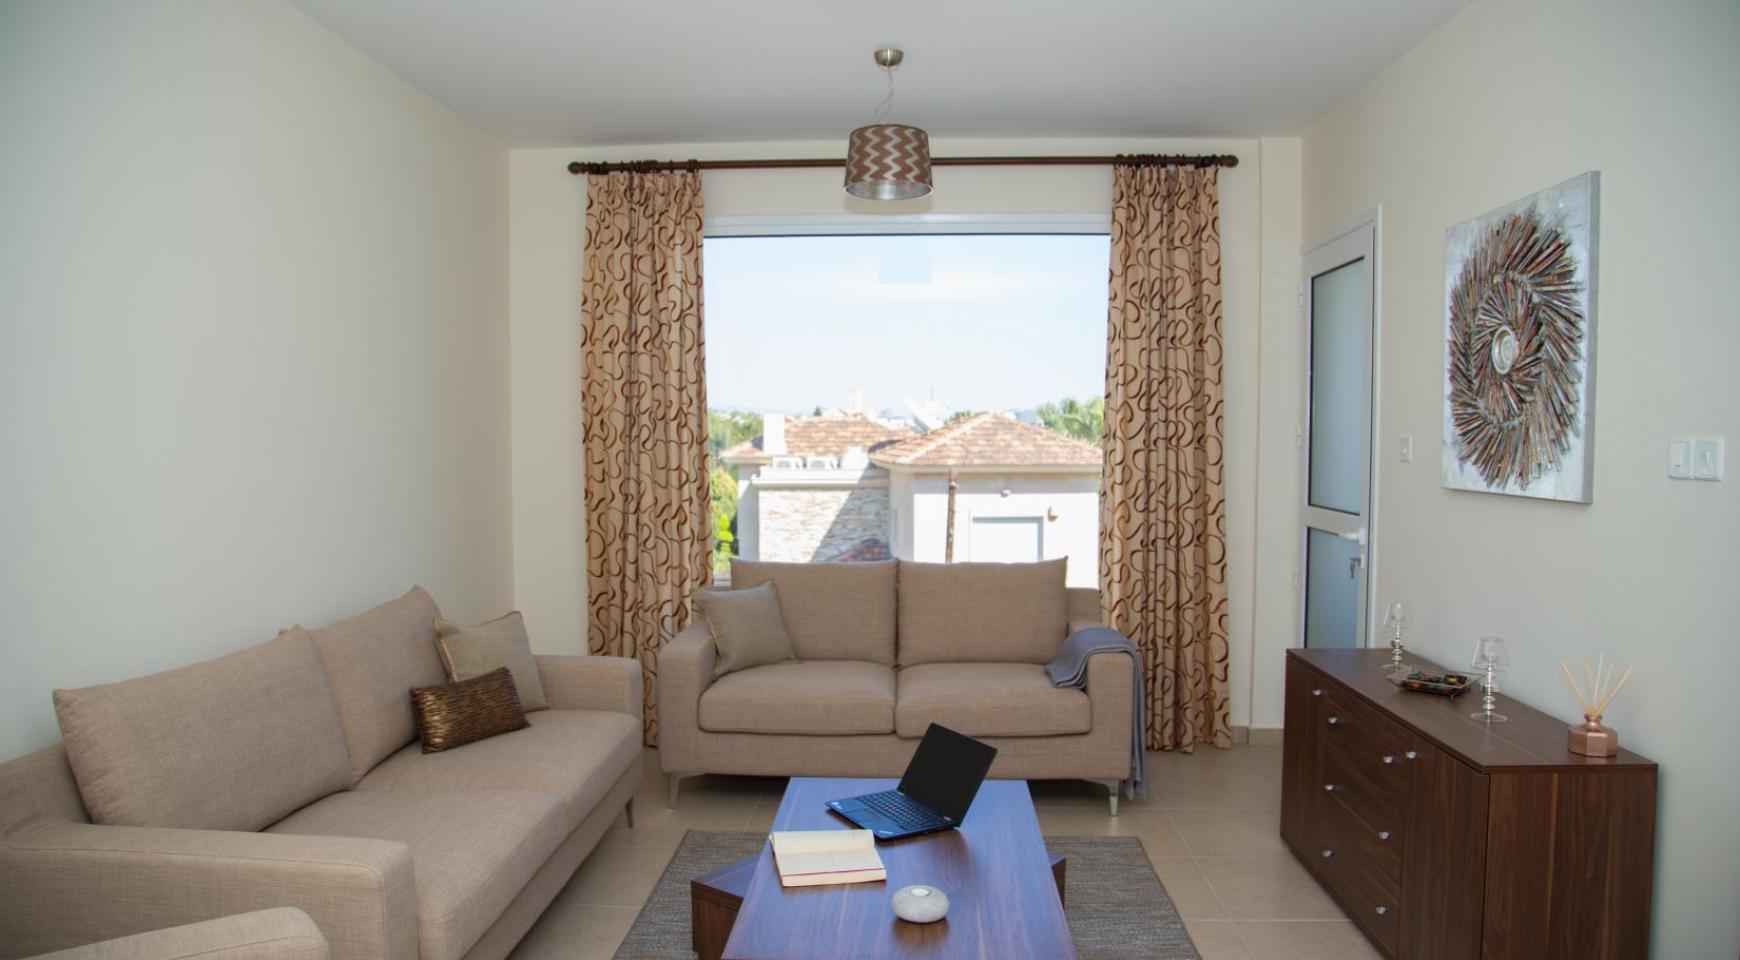 Μοντέρνο διαμέρισμα 2 υπνοδωματίων στην περιοχή Ποταμός Γερμασόγειας - 21